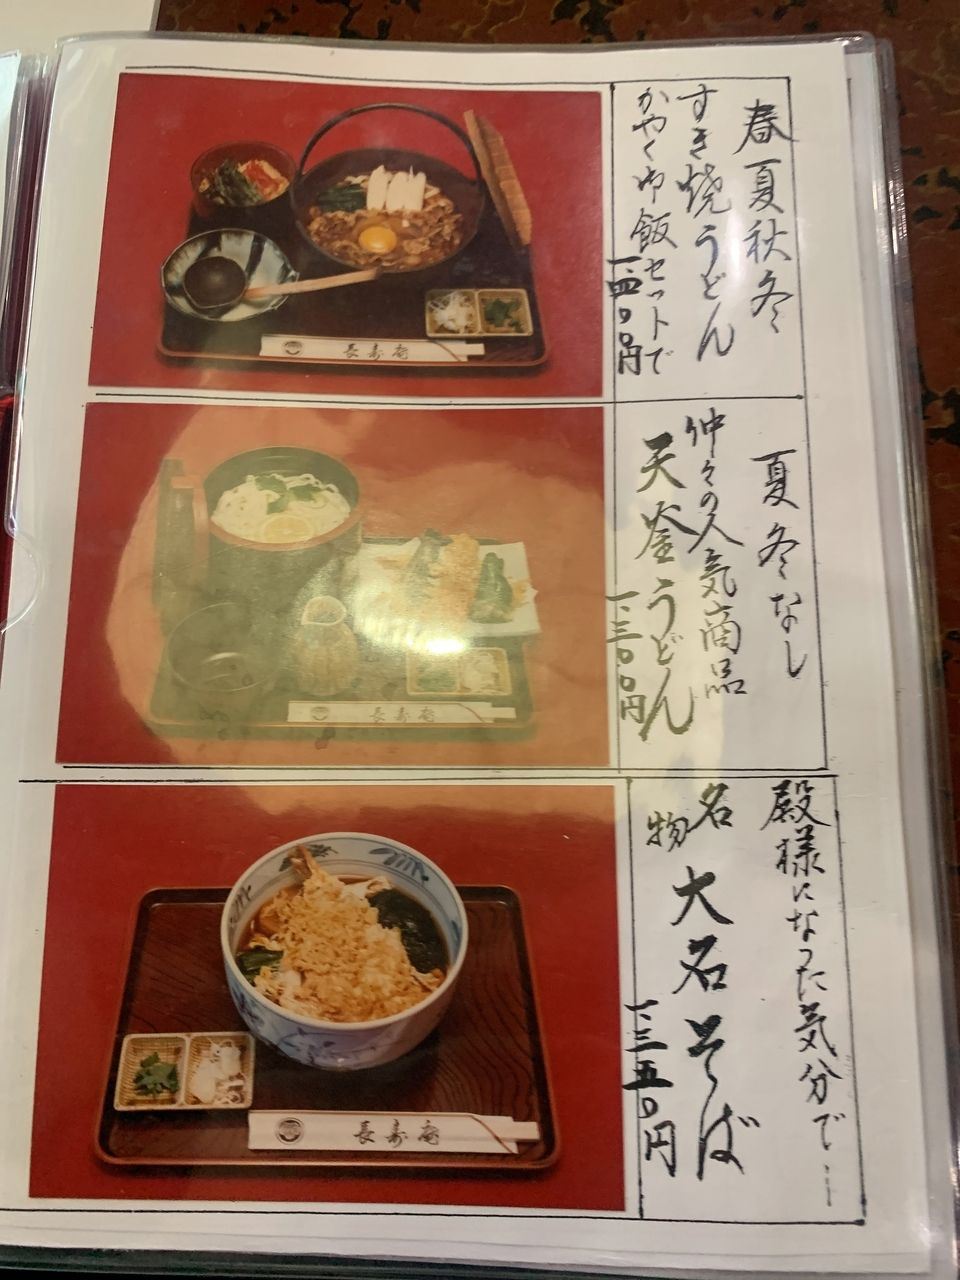 【三郷市食べ歩きブログ】三郷市早稲田1丁目にあるそば処「長寿庵」さんへ行ってきました!